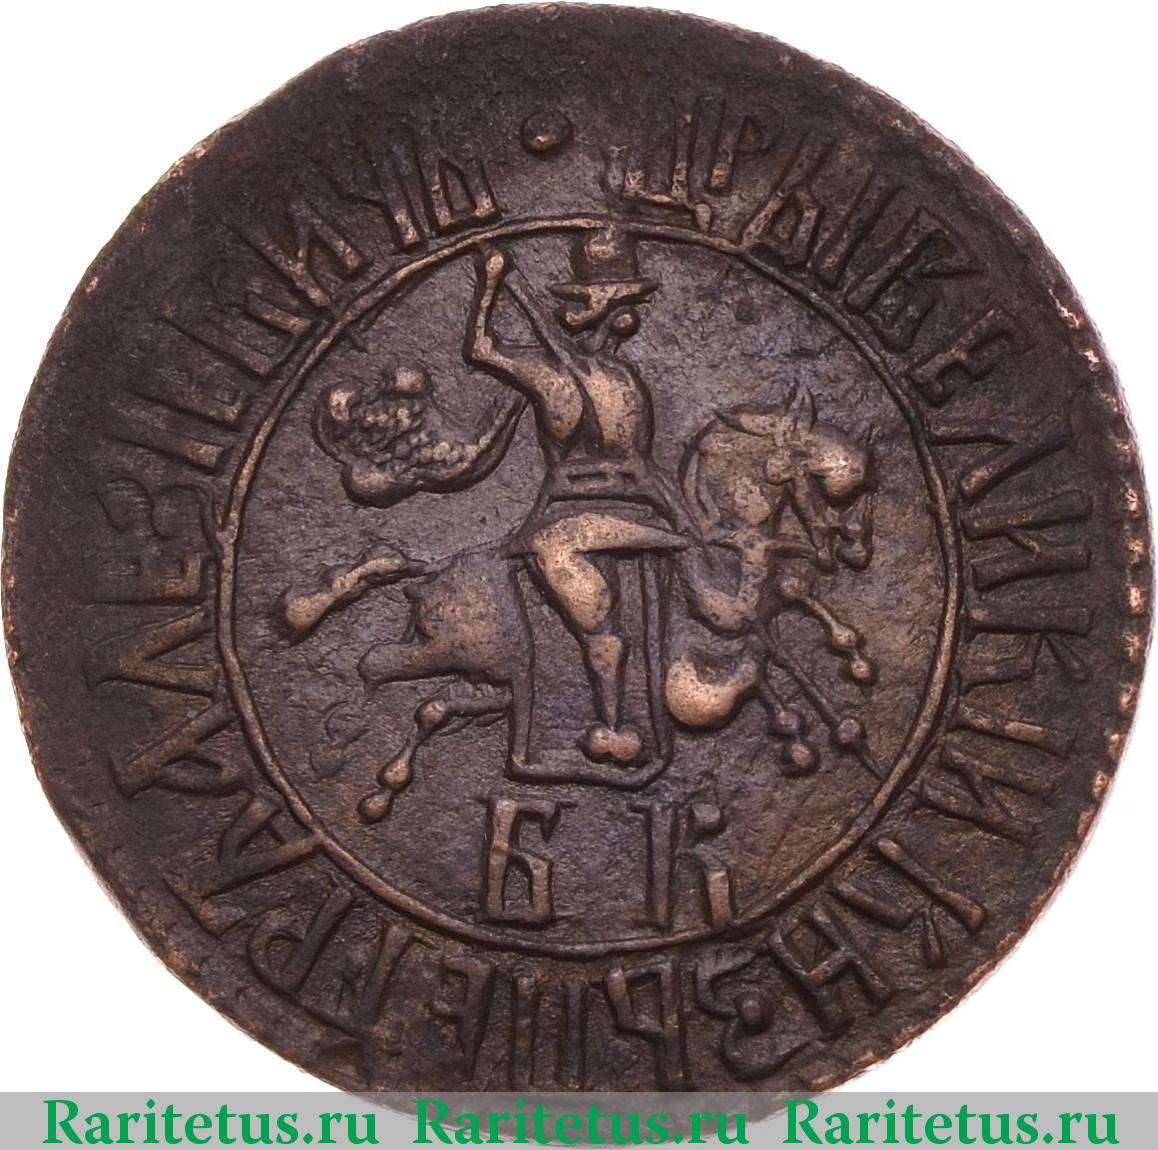 Копейка 1707 года цена монеты 50 годов ссср